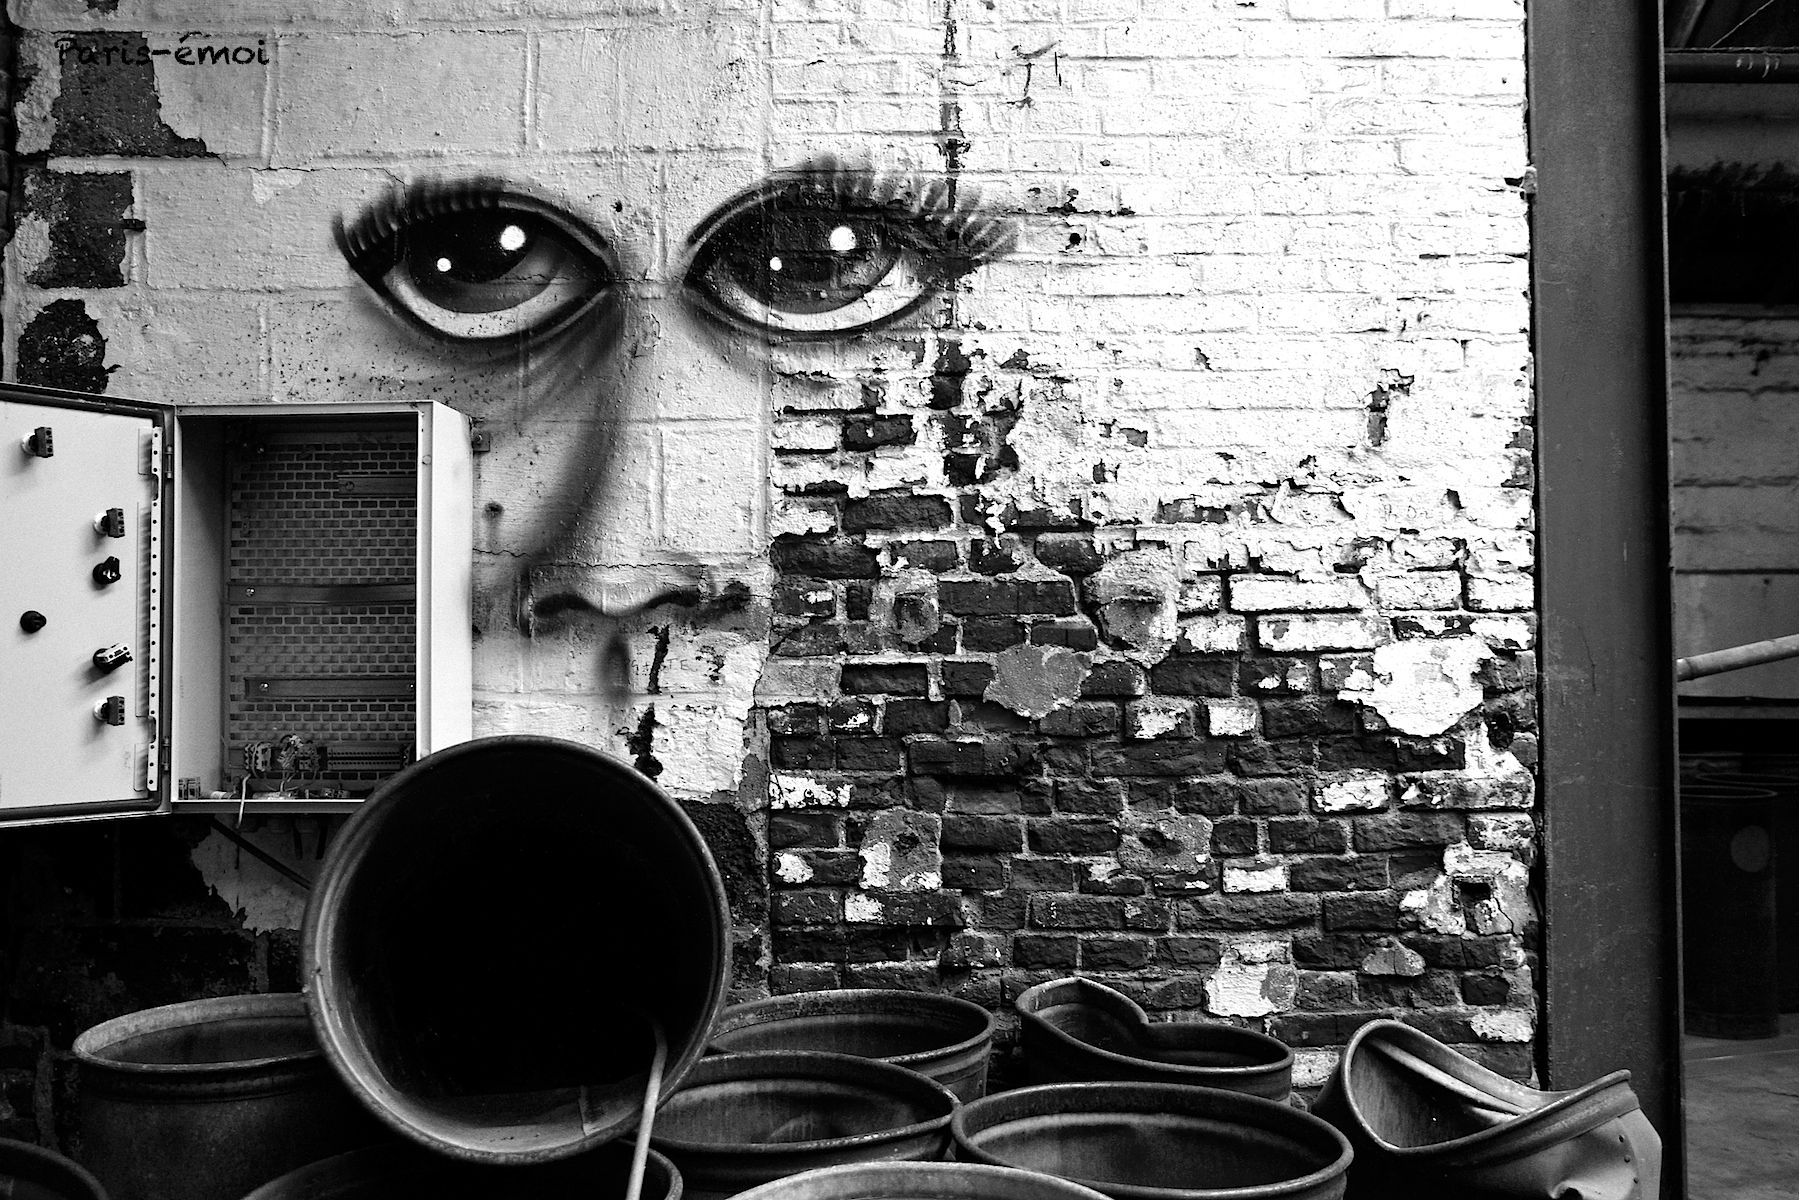 Pin by maged fadl on graffiti pinterest street art and graffiti